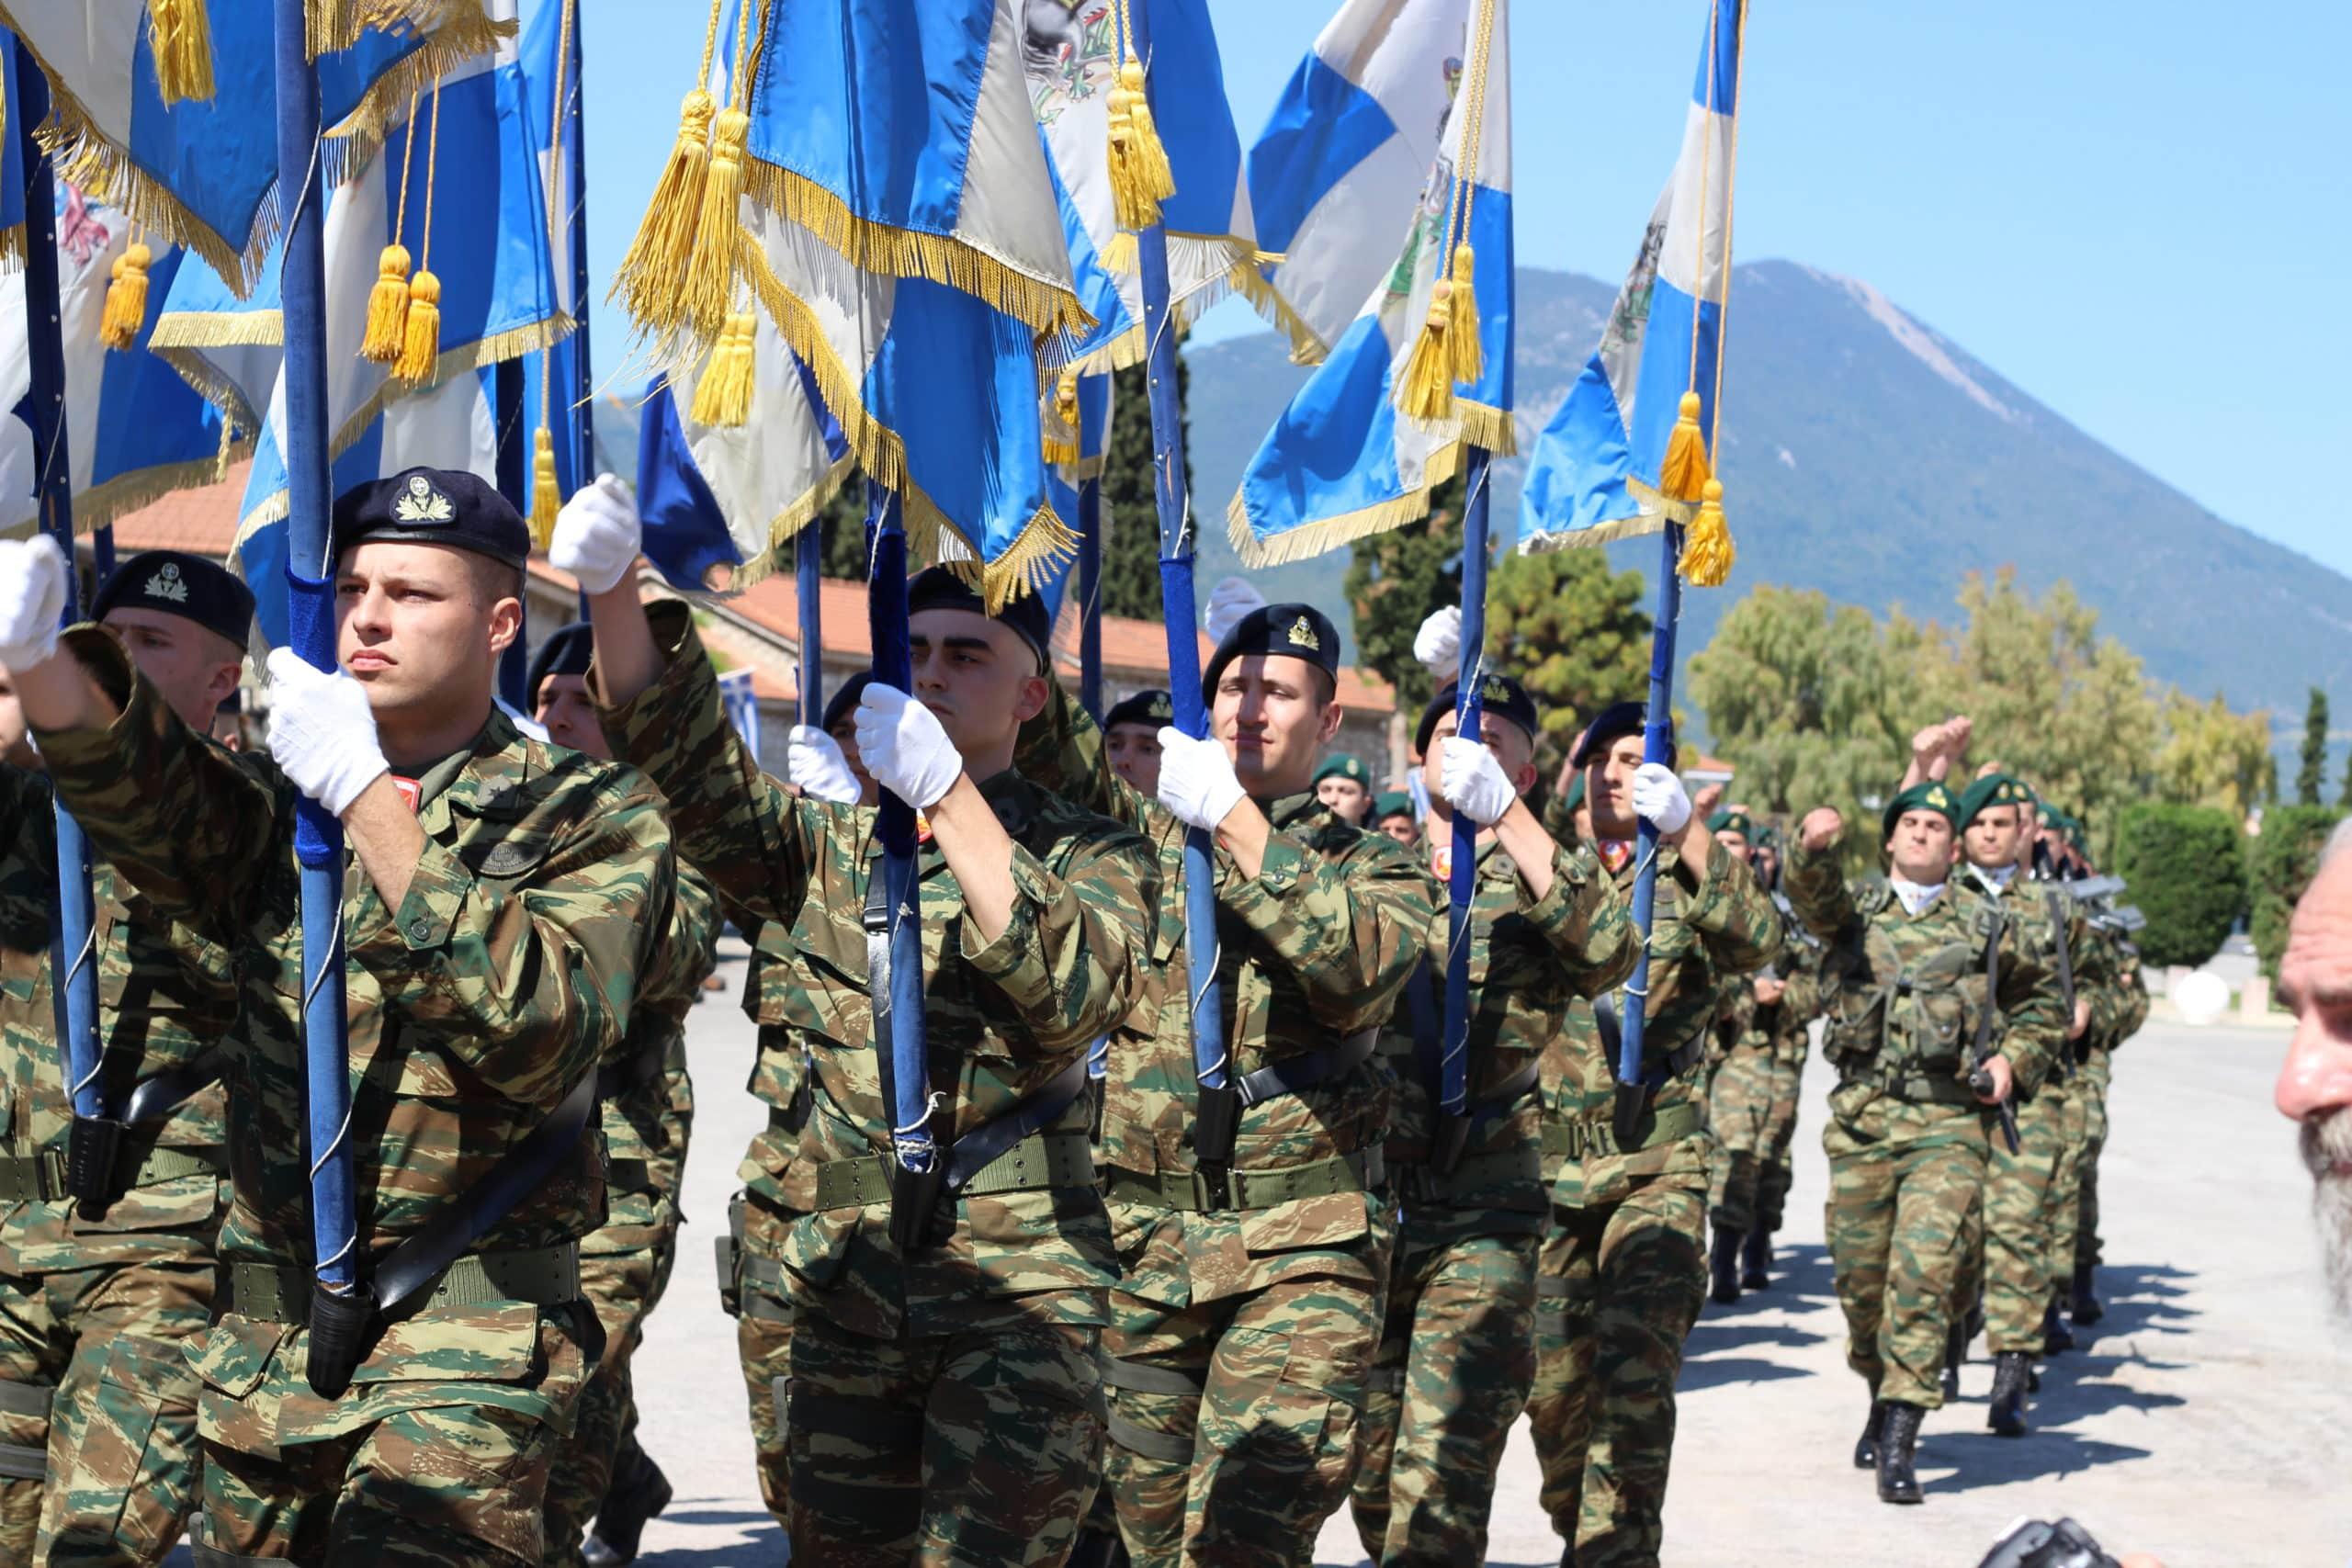 21 ΝΟεμβρίου Ημέρα Ενόπλων Δυνάμεων Μεταθέσεις 2019: Στρατός Ξηράς - Ποιες κοινοποιούνται Σήμερα